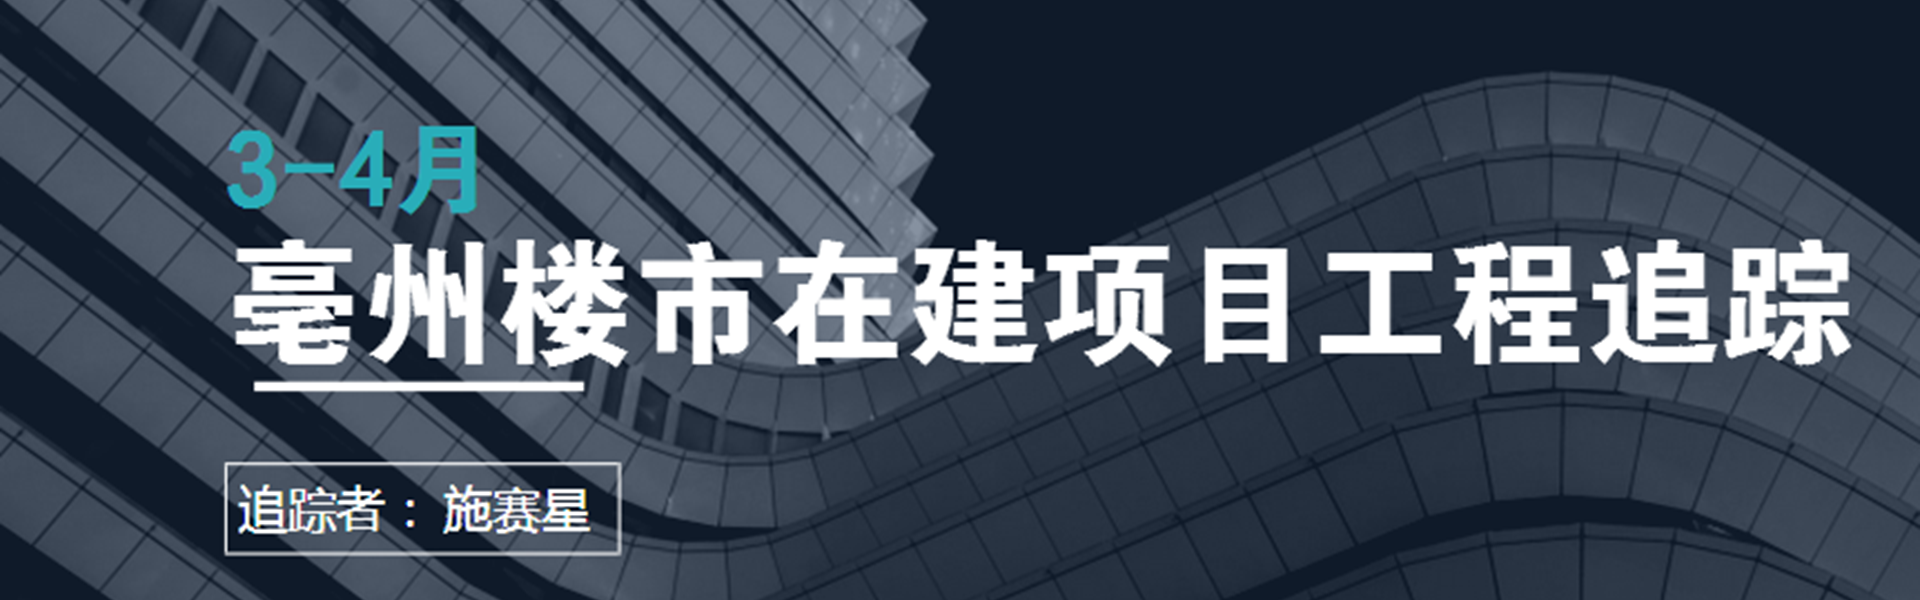 亳州楼市3-4月在建项目工程追踪